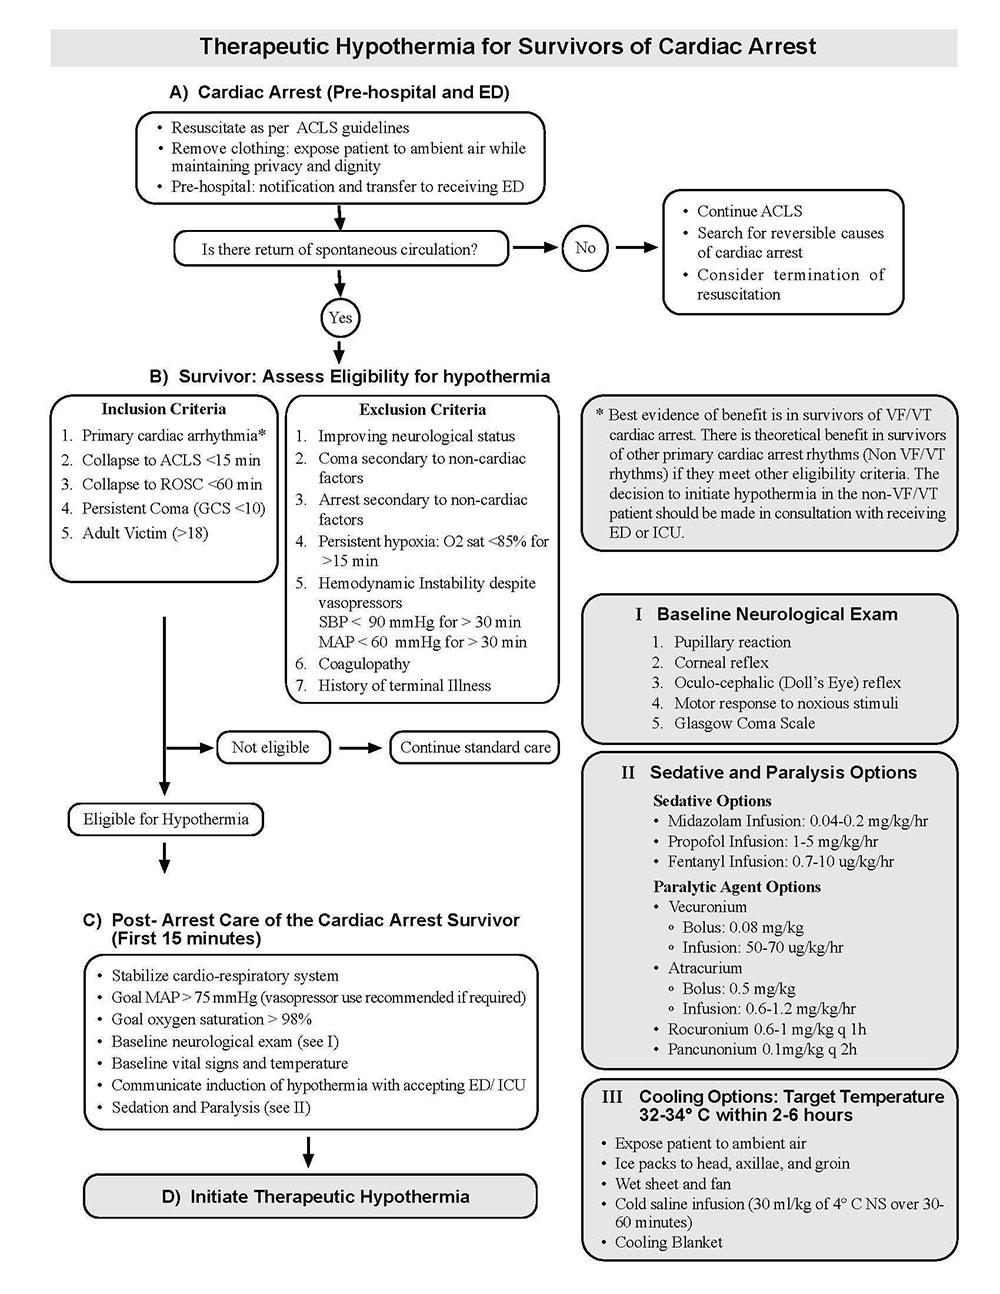 hypothermia-algorithm therapeutic hypothermia